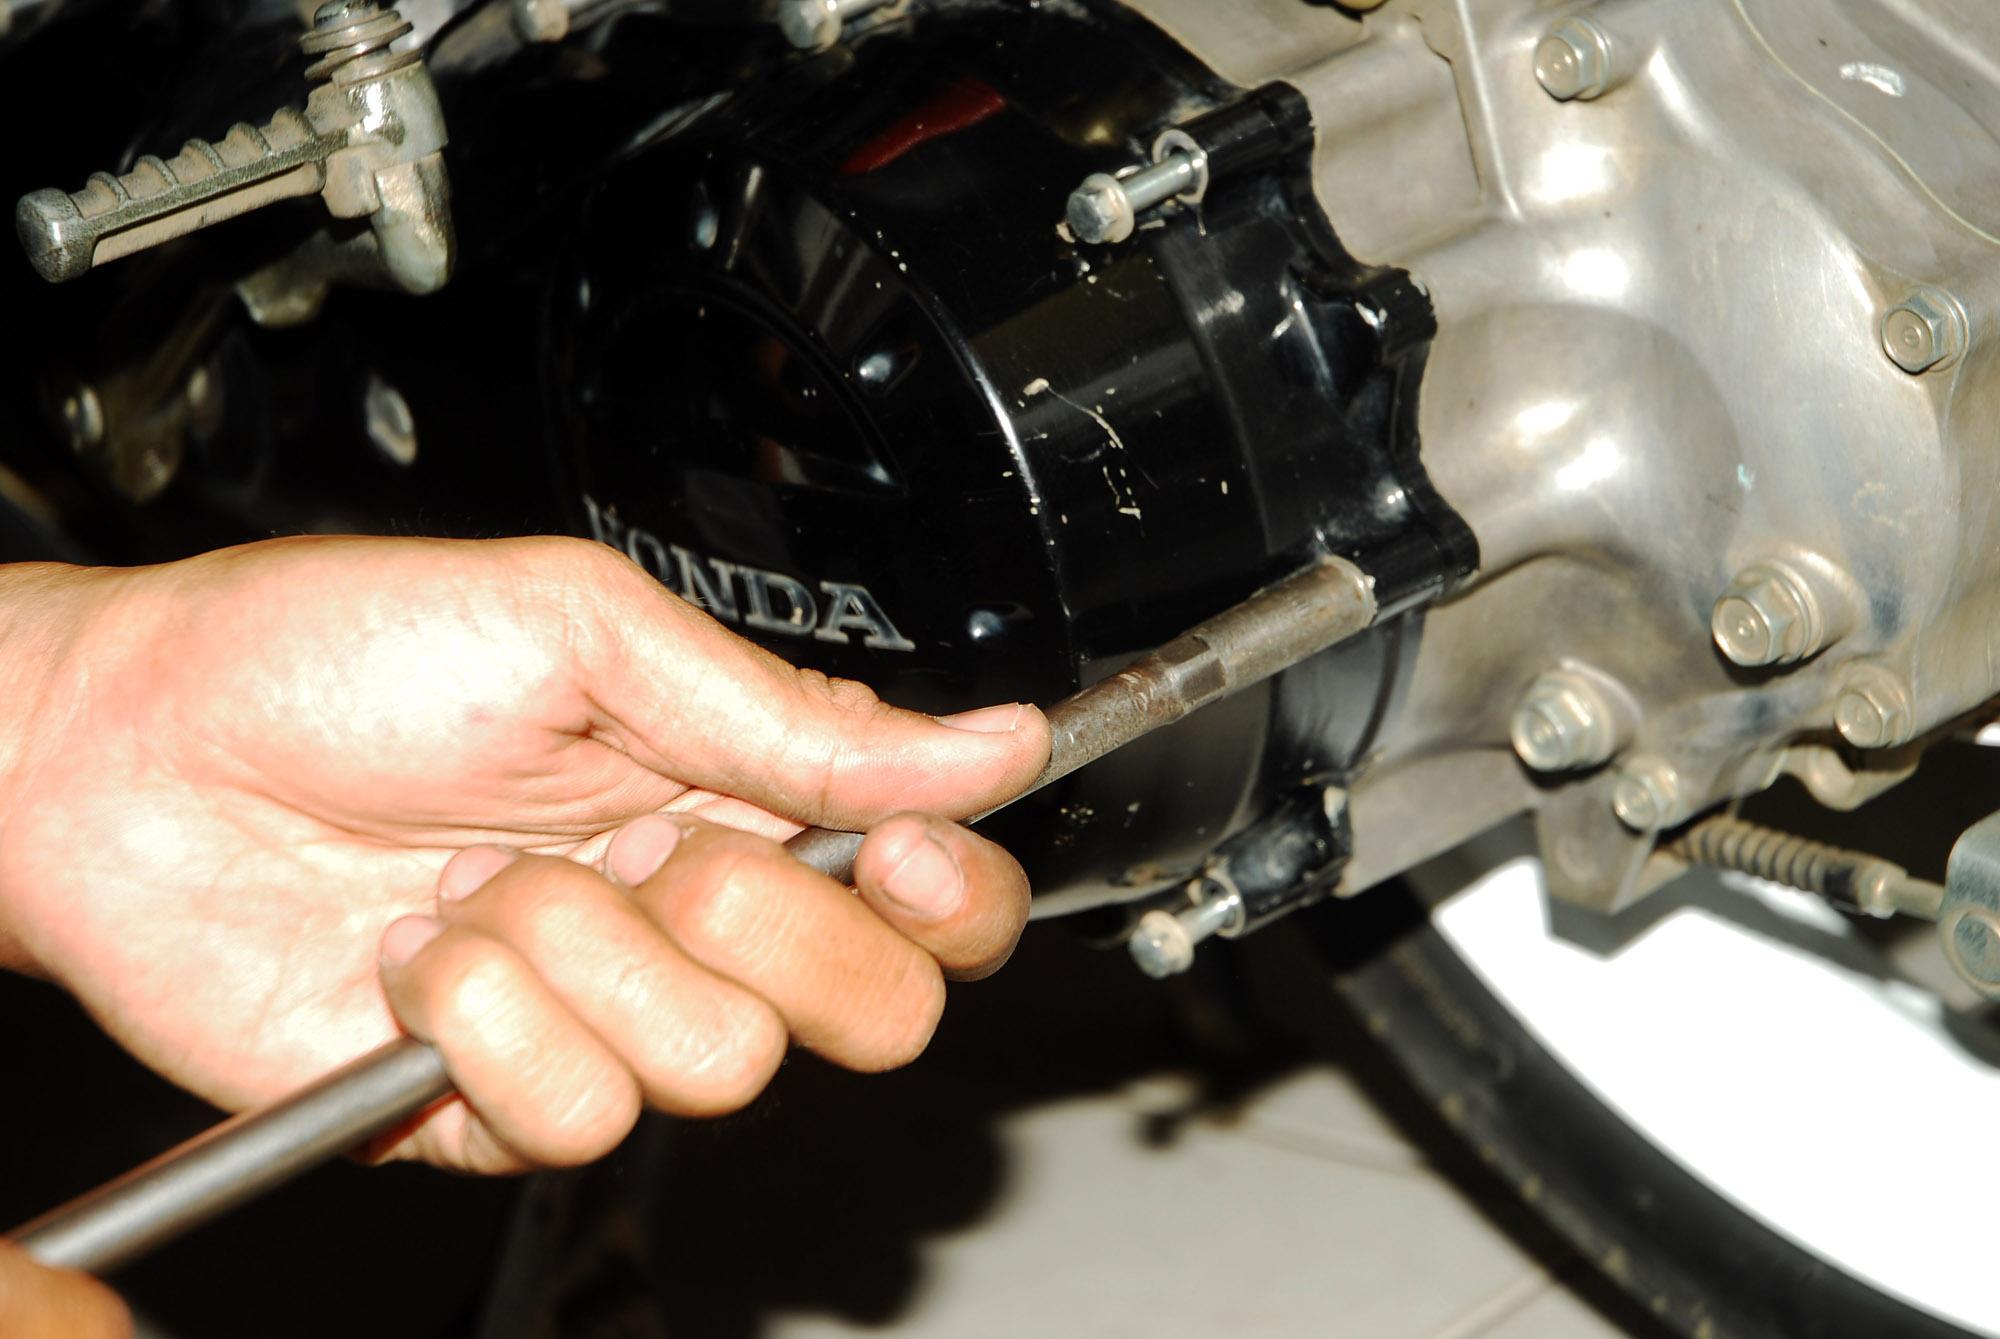 Upgrade Pulley Belakang Beat Lebih Besar Nendang Gilamotor Rumah Roller Honda Karbu Scoopy Spacy